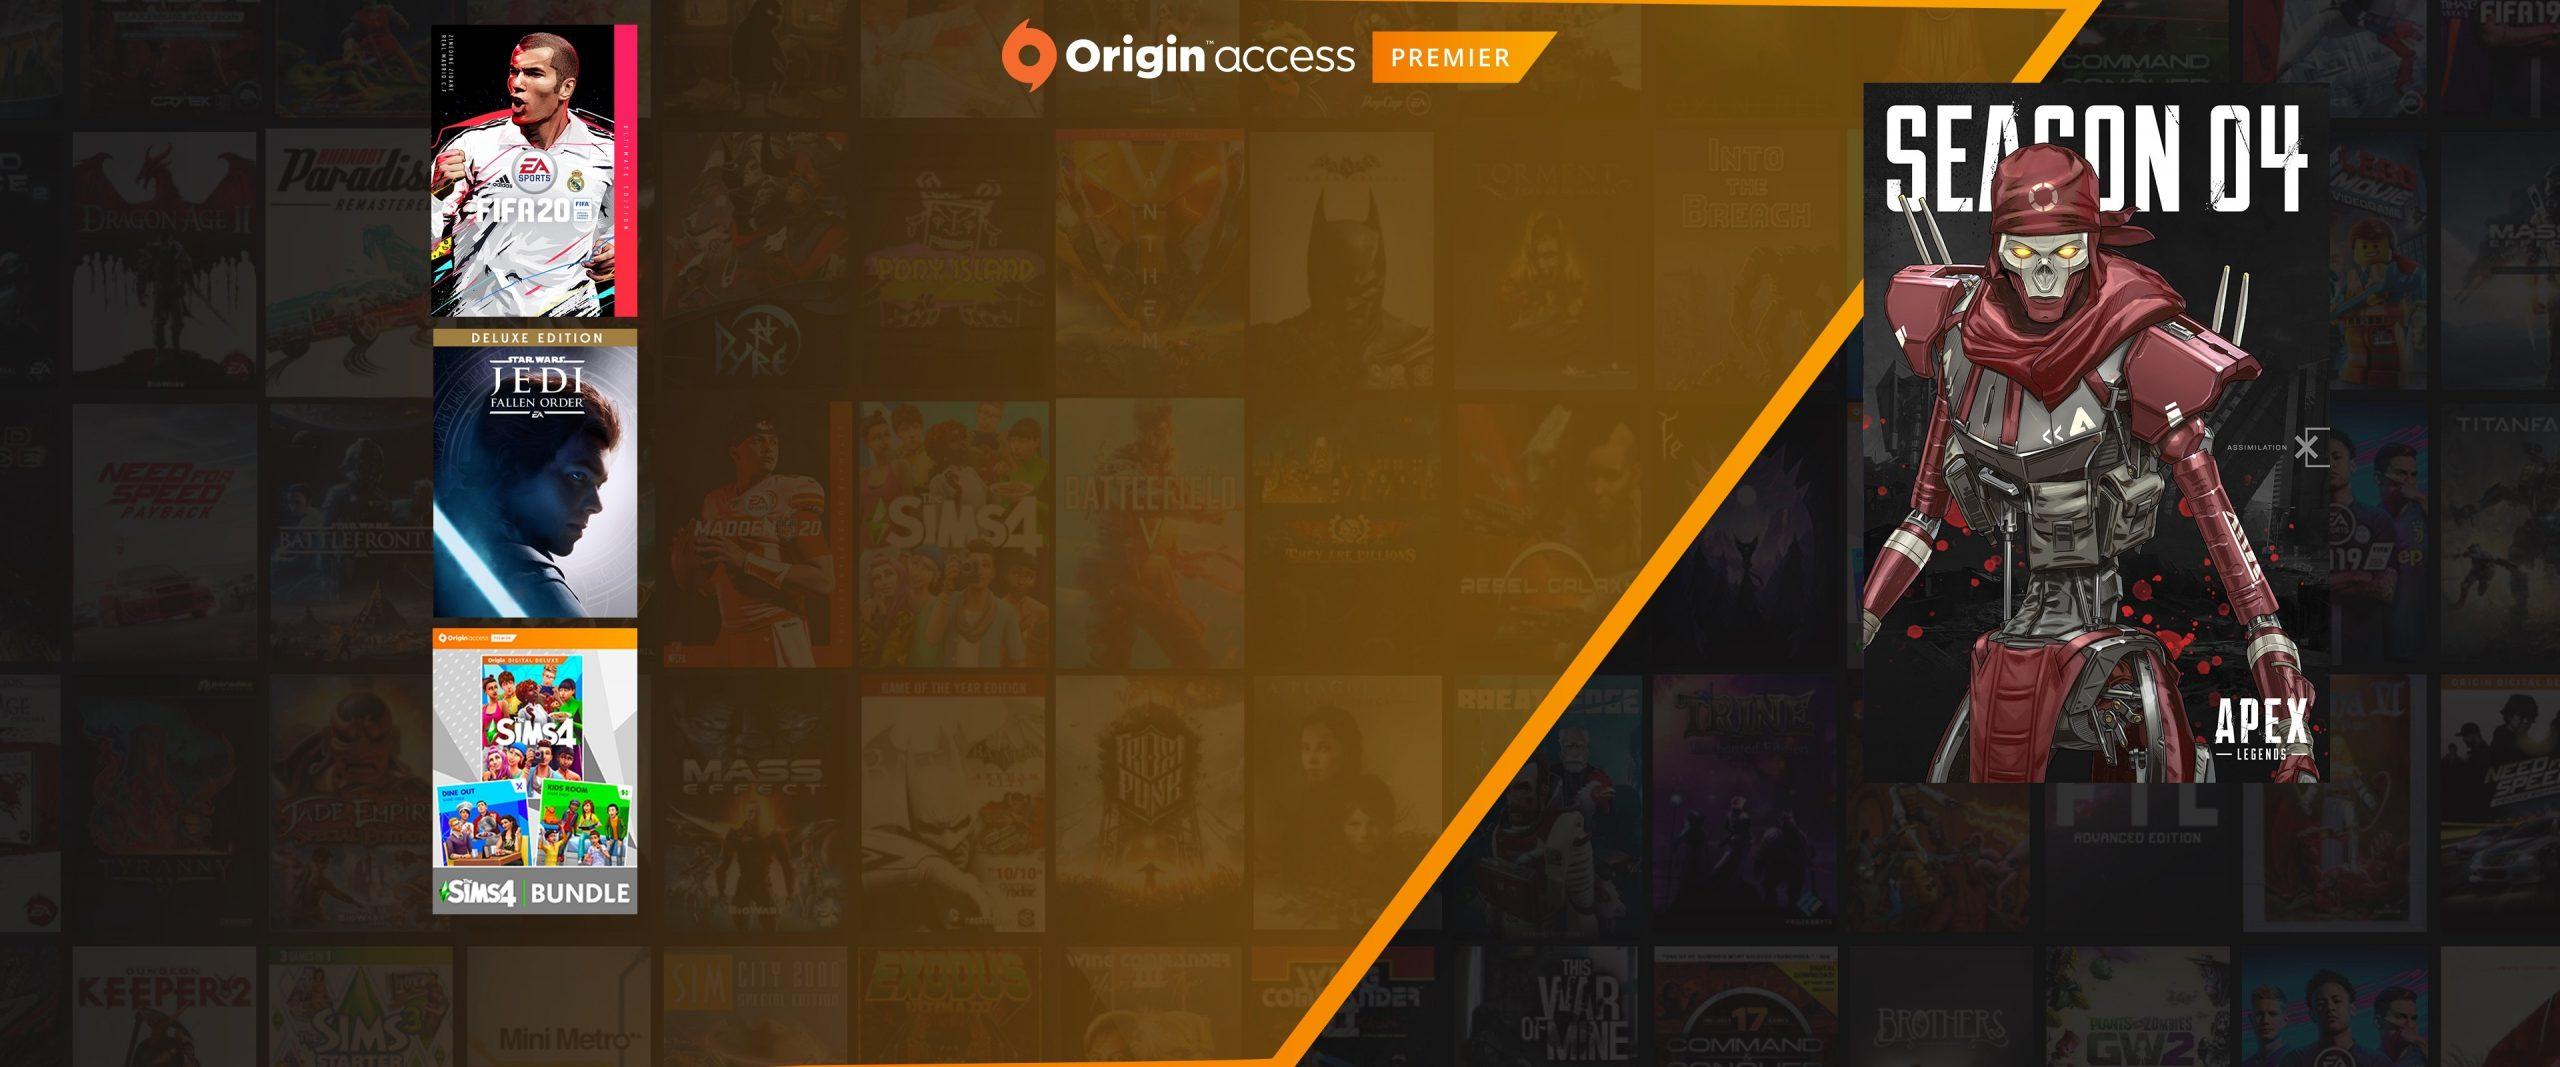 Apex Legends™ Pour Pc | Origin dedans Application Jeux Gratuit Pc